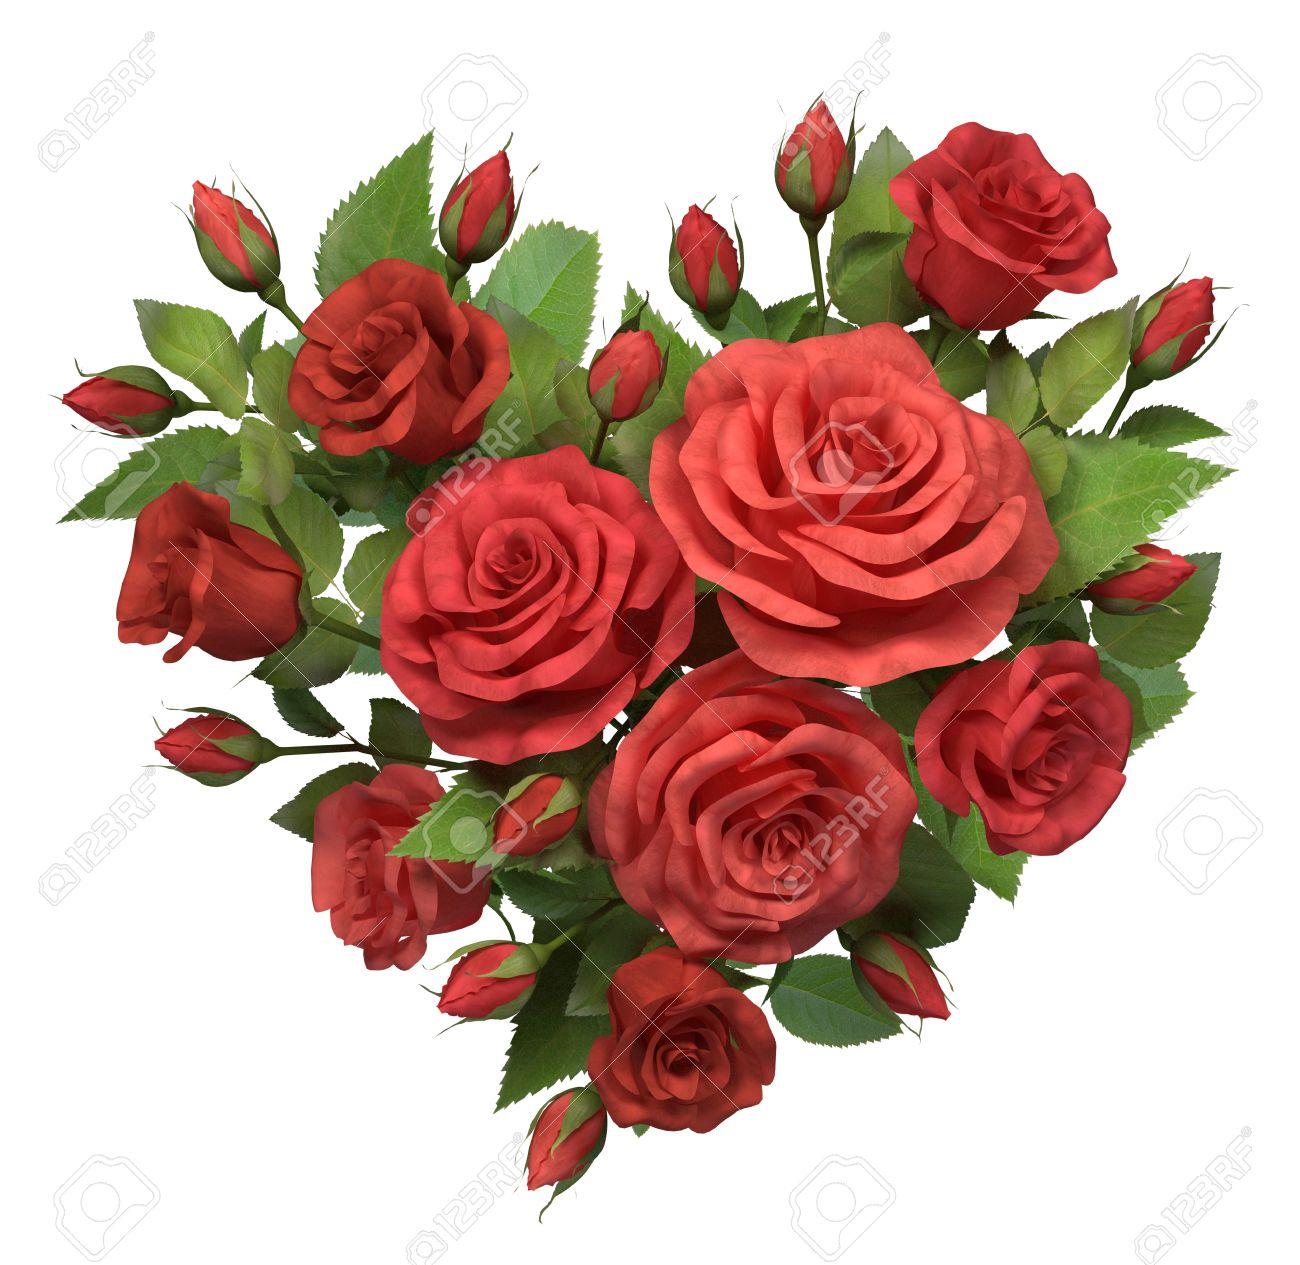 les roses rouges bouquet en forme de coeur isolé sur blanc 3d